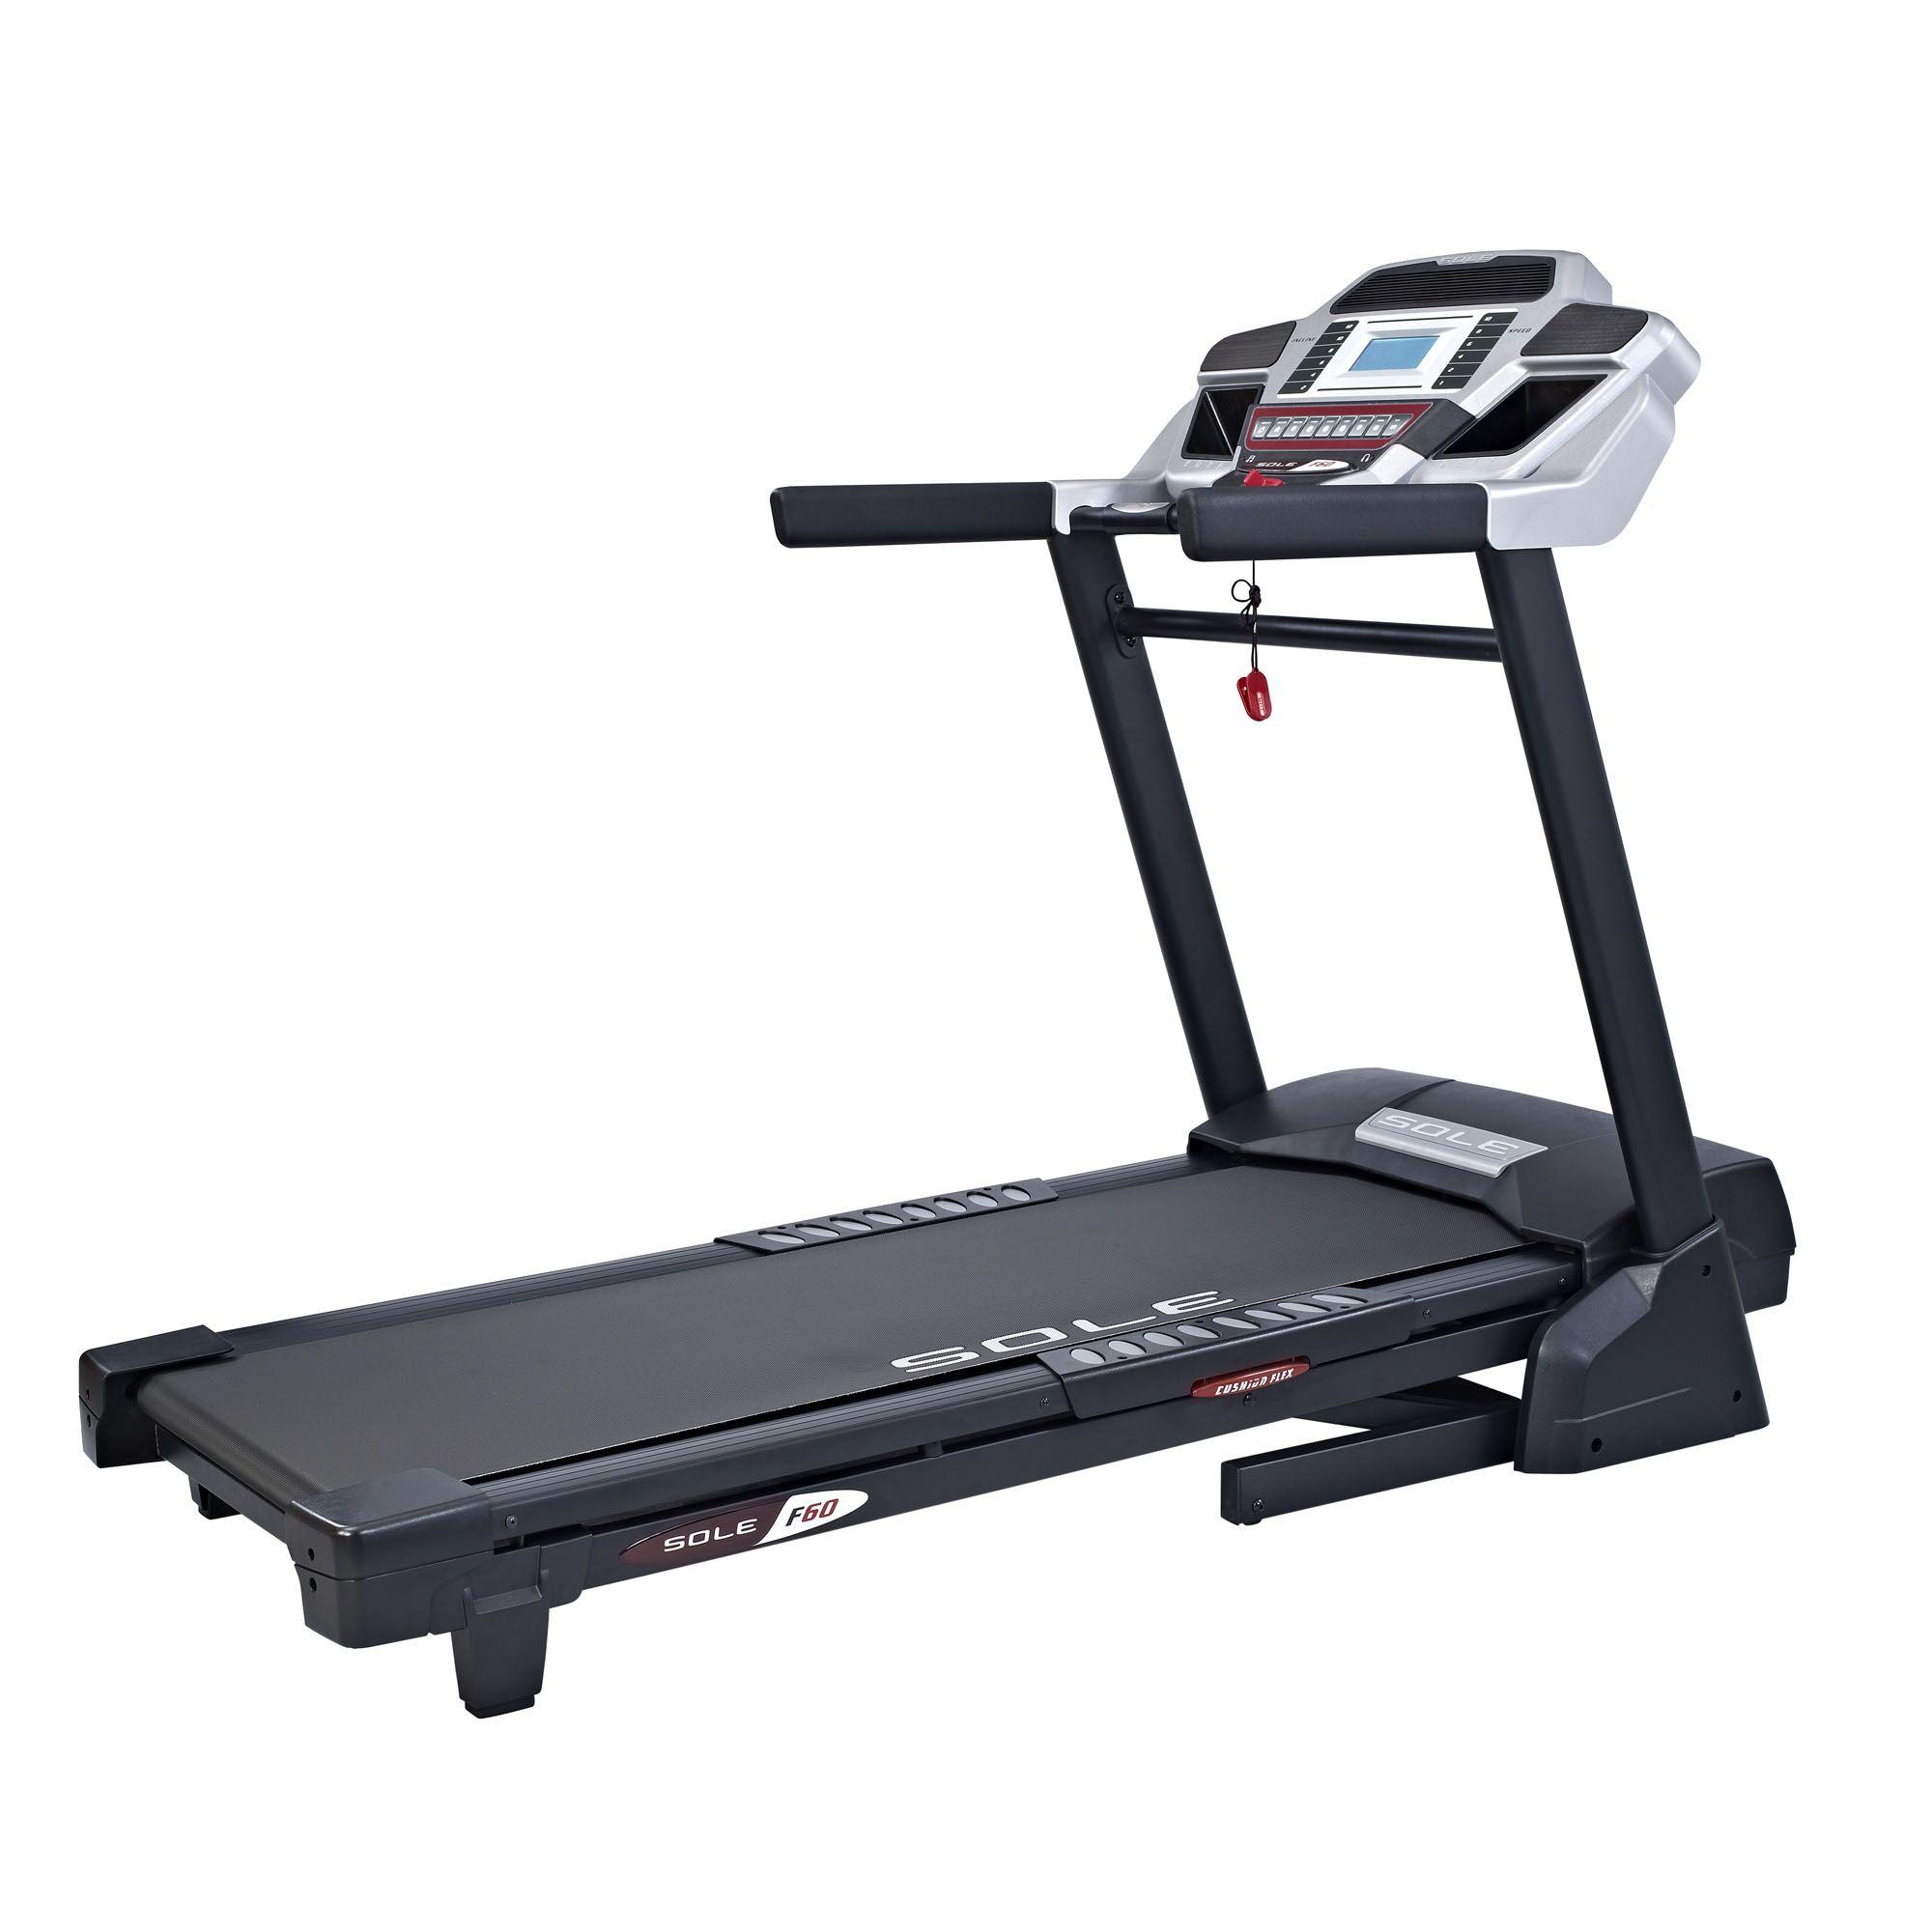 Sole Treadmill S77: Sole F60 Treadmill